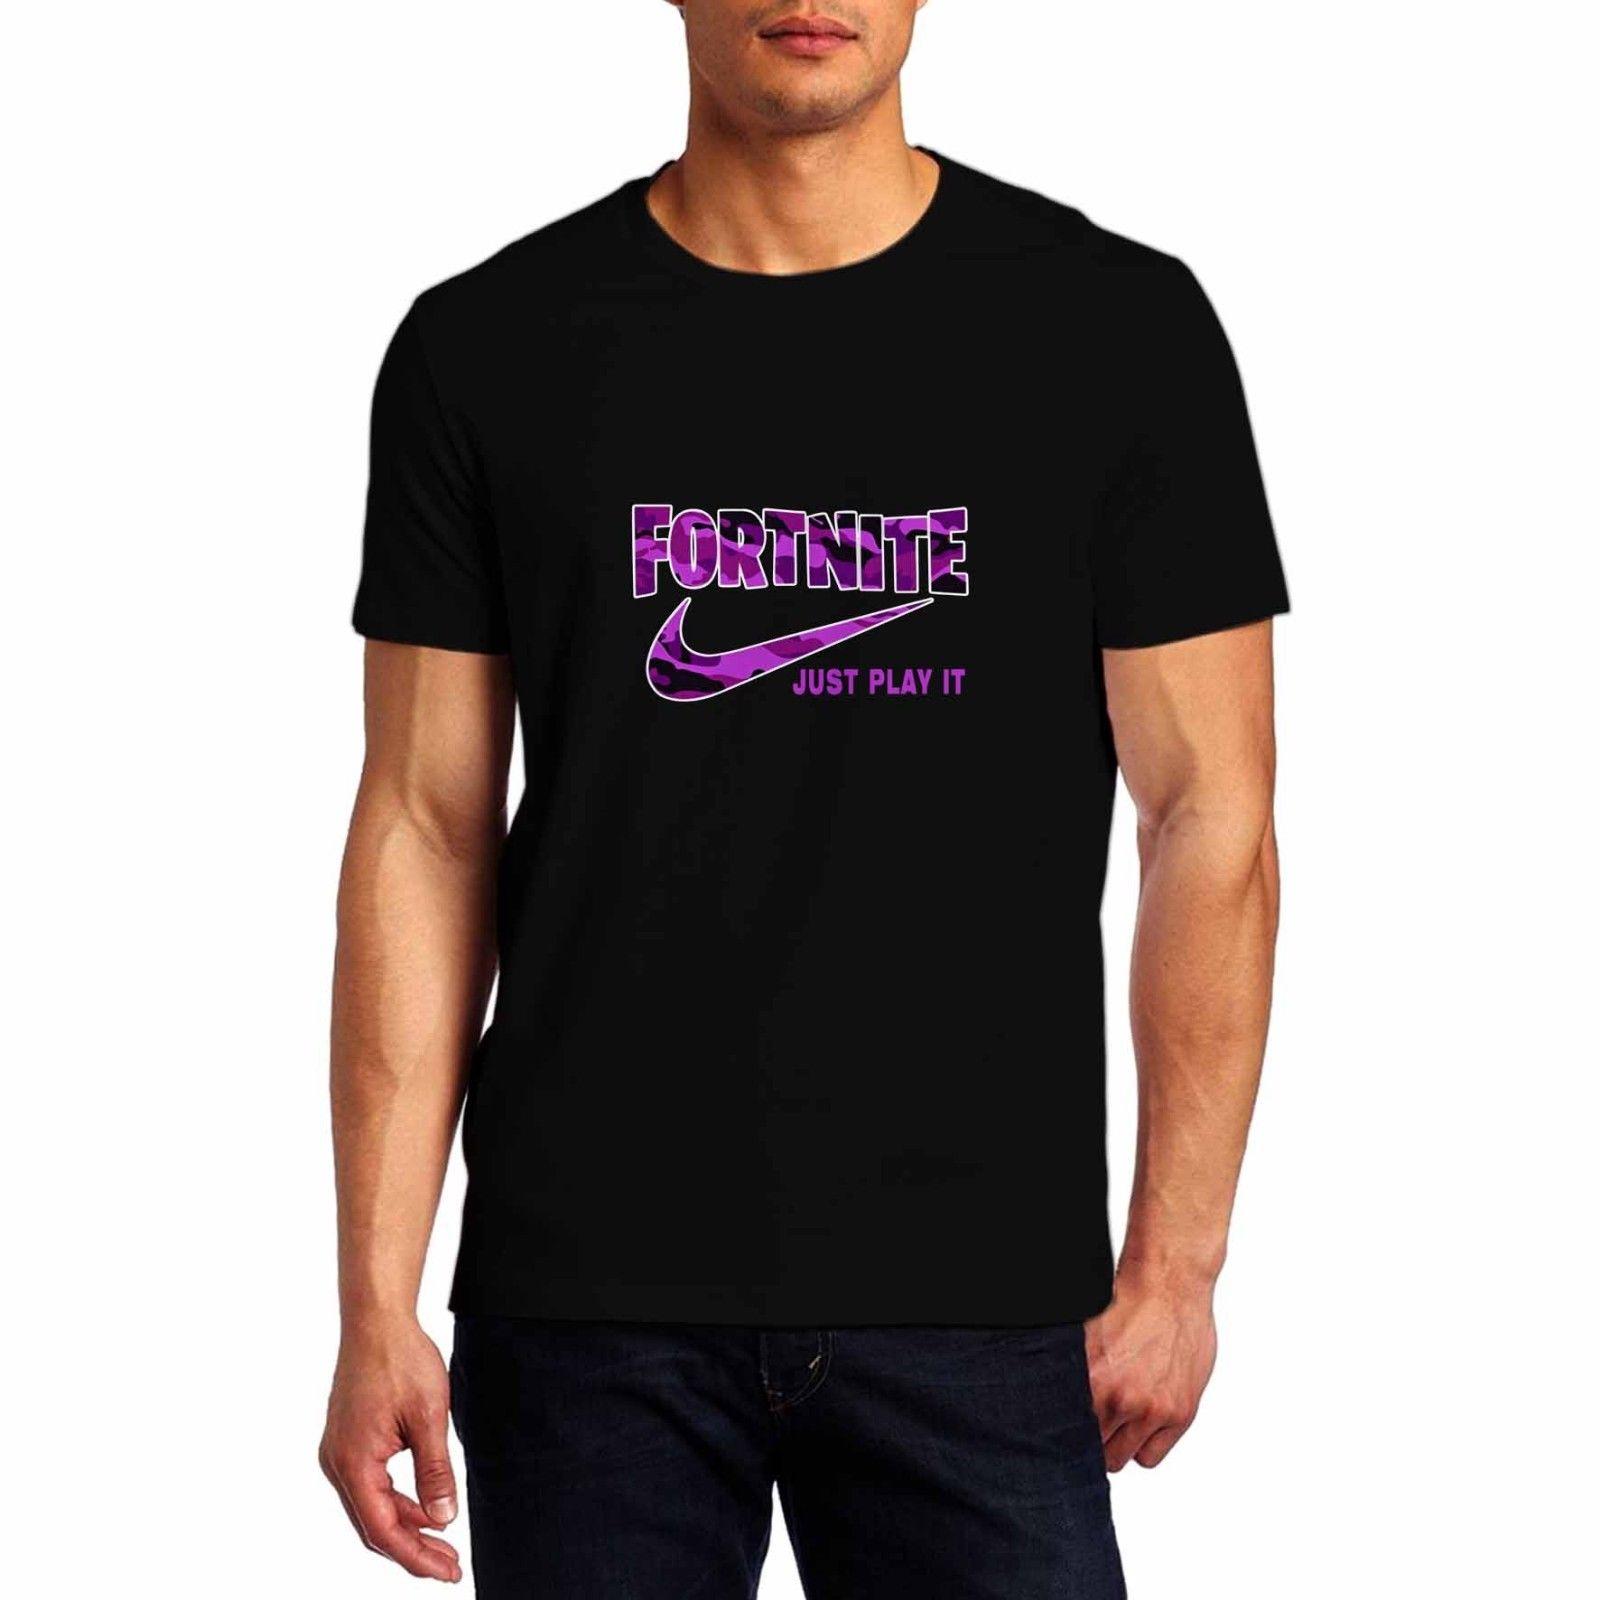 crecimiento Paralizar marcador  Camiseta logo Fortnite Just Play it negra morada - Mundo Friki